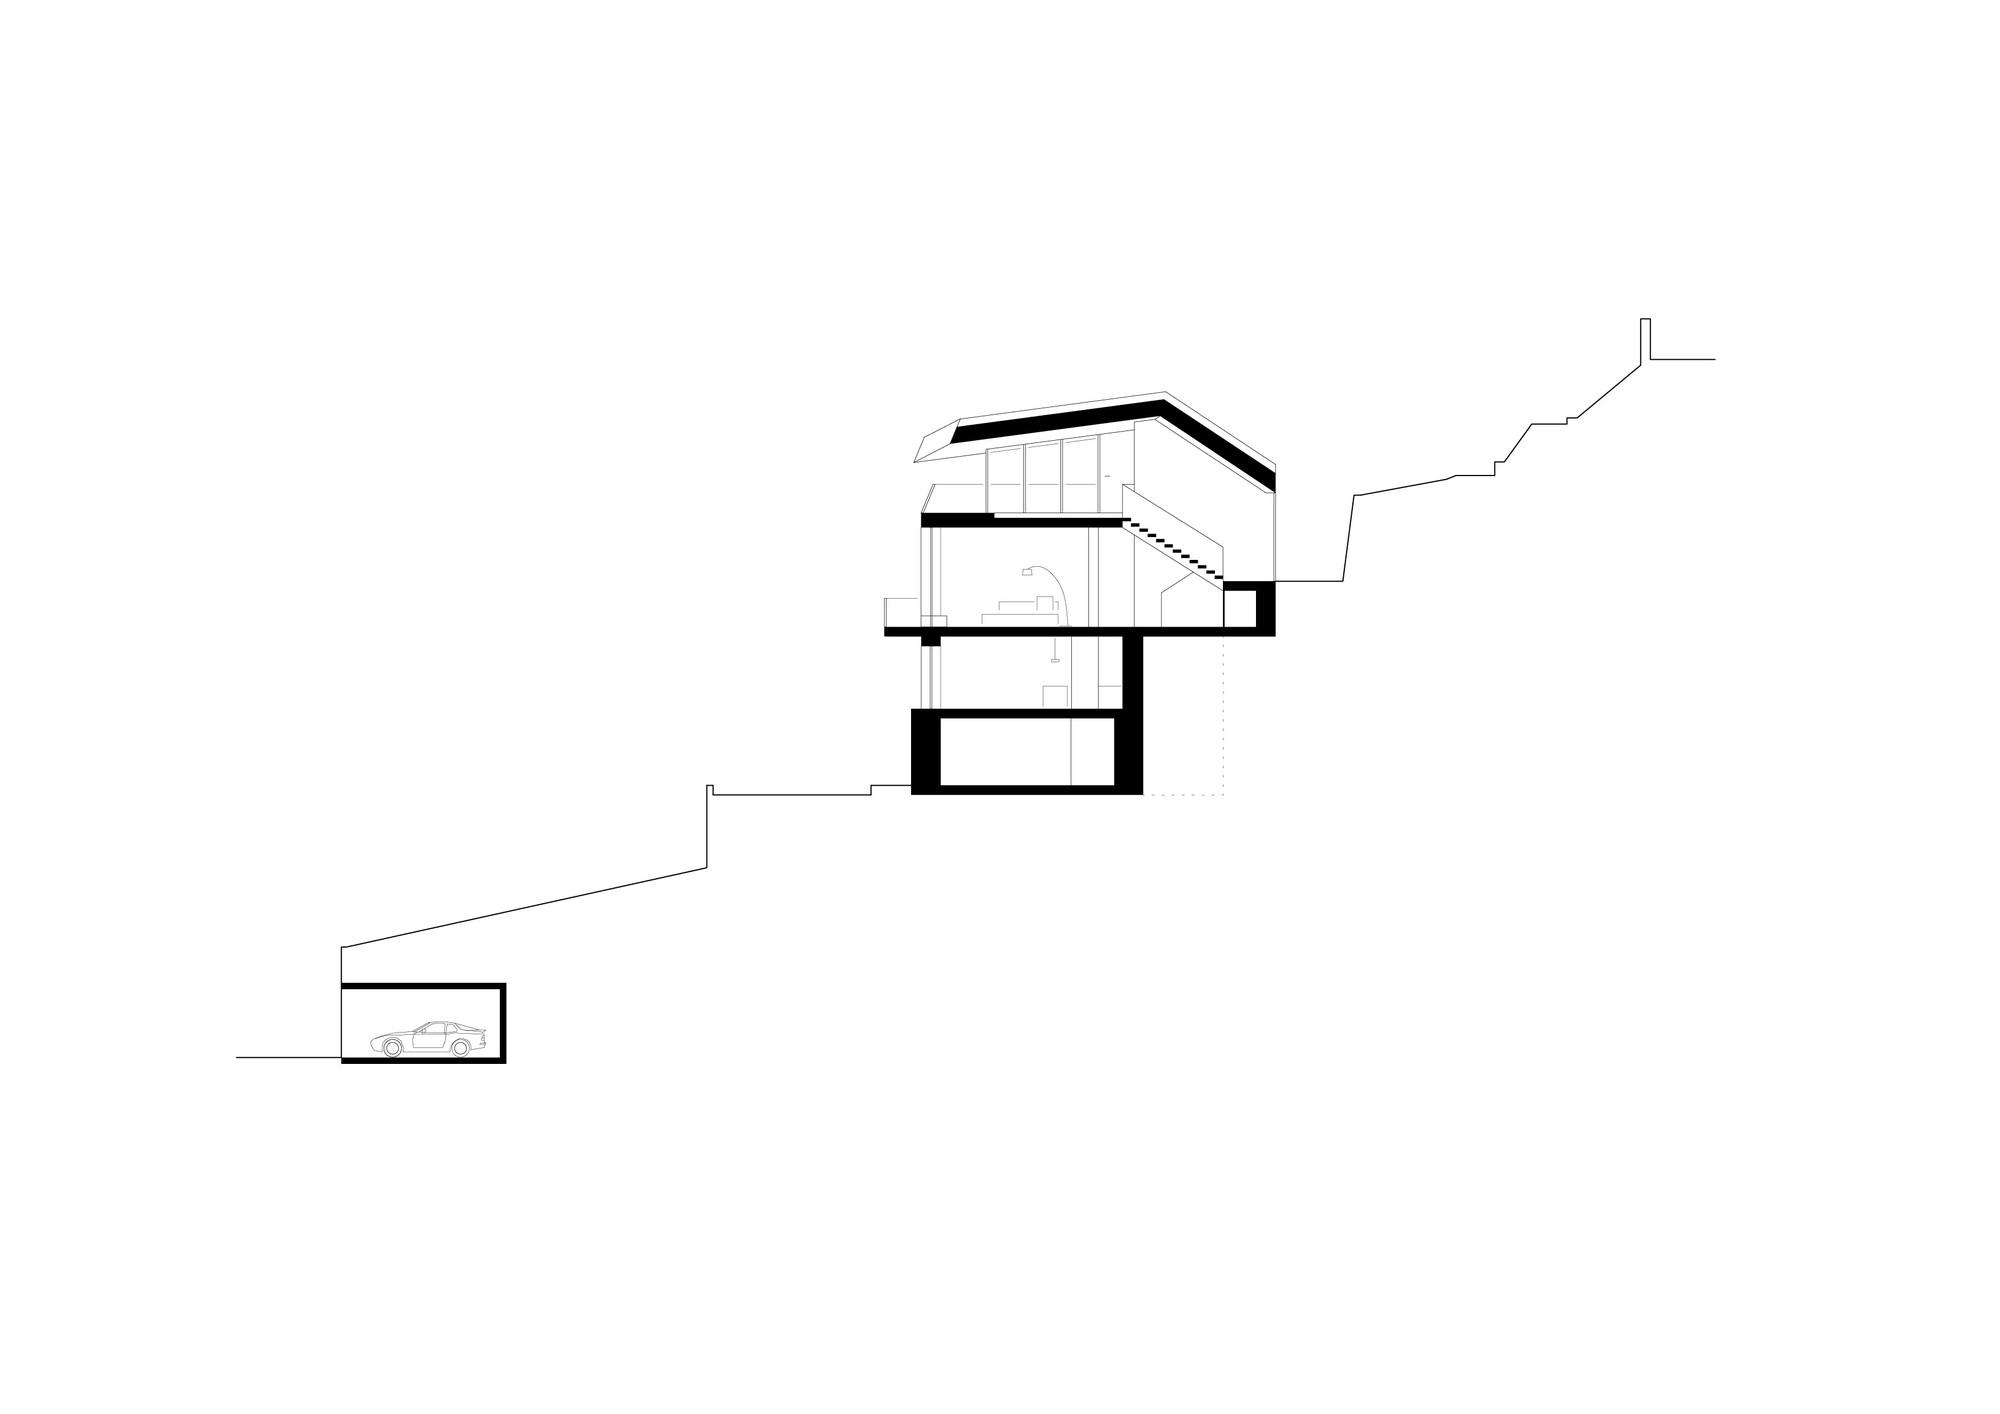 Galer a de haus b yonder architektur und design 22 for Architektur und design